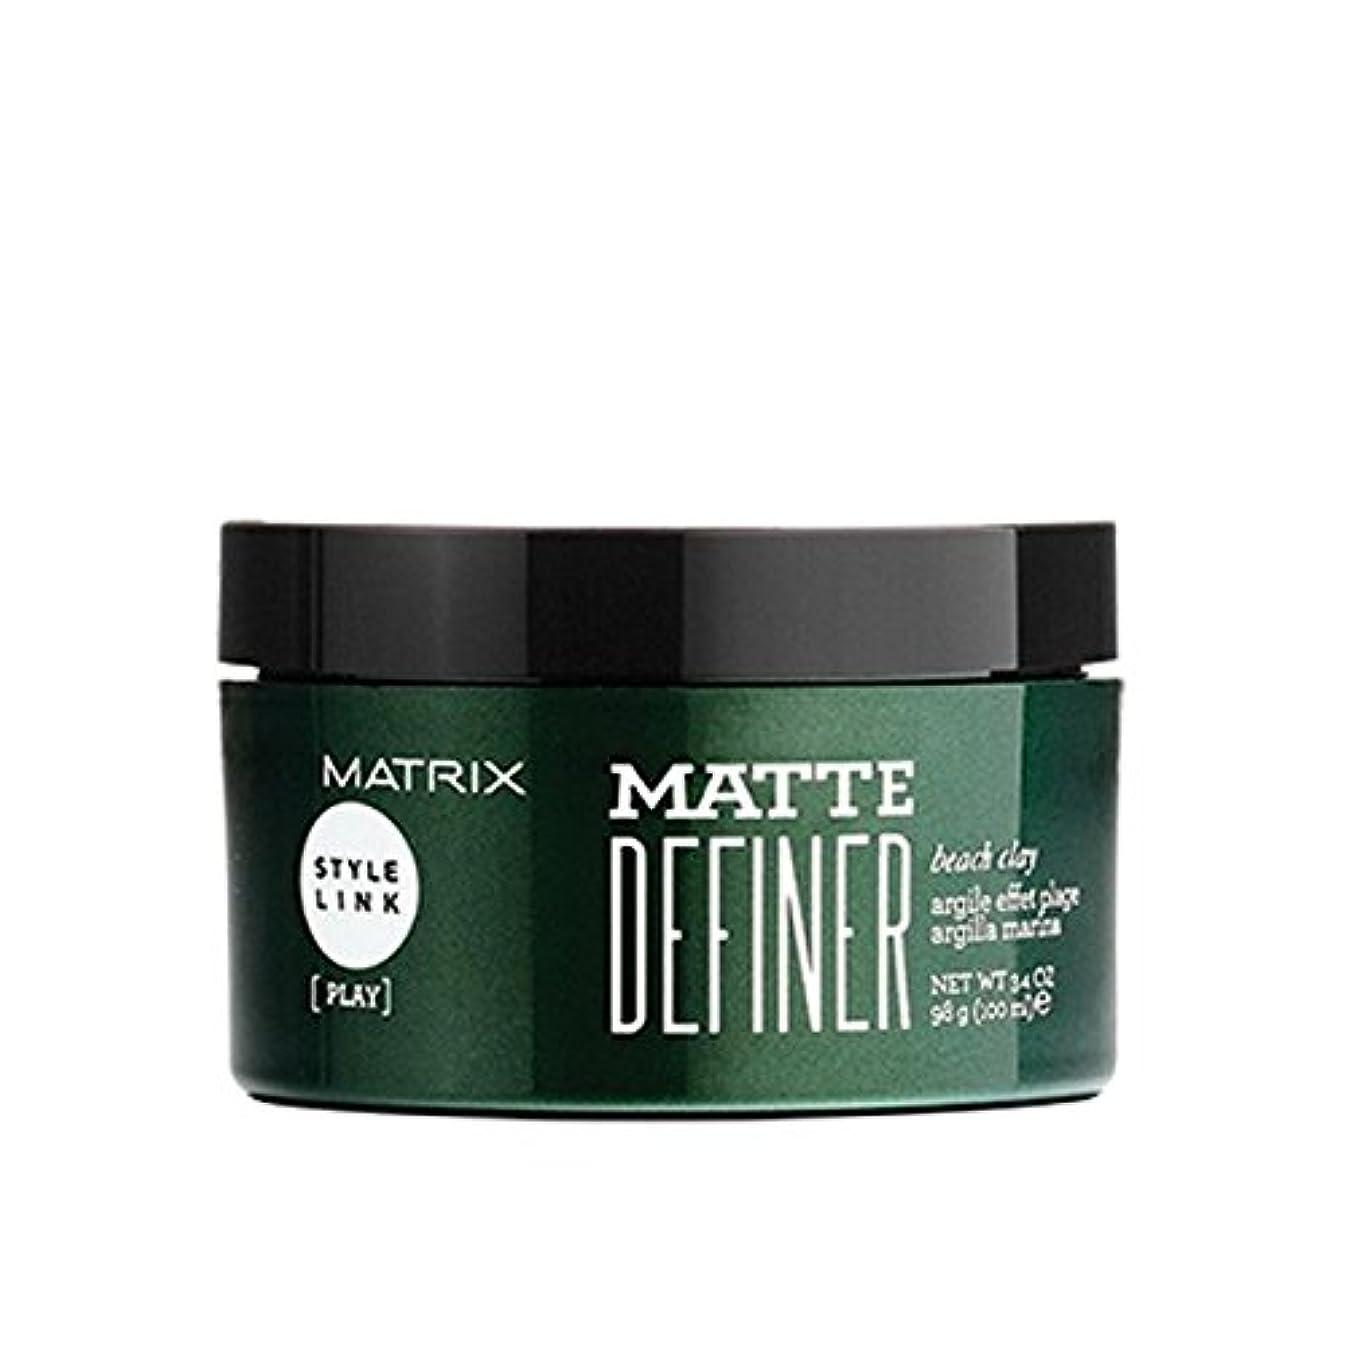 潜在的な記録糸Matrix Biolage Style Link Matte Definer Beach Clay (Pack of 6) - マトリックスバイオレイジスタイルリンクマット定義ビーチ粘土 x6 [並行輸入品]